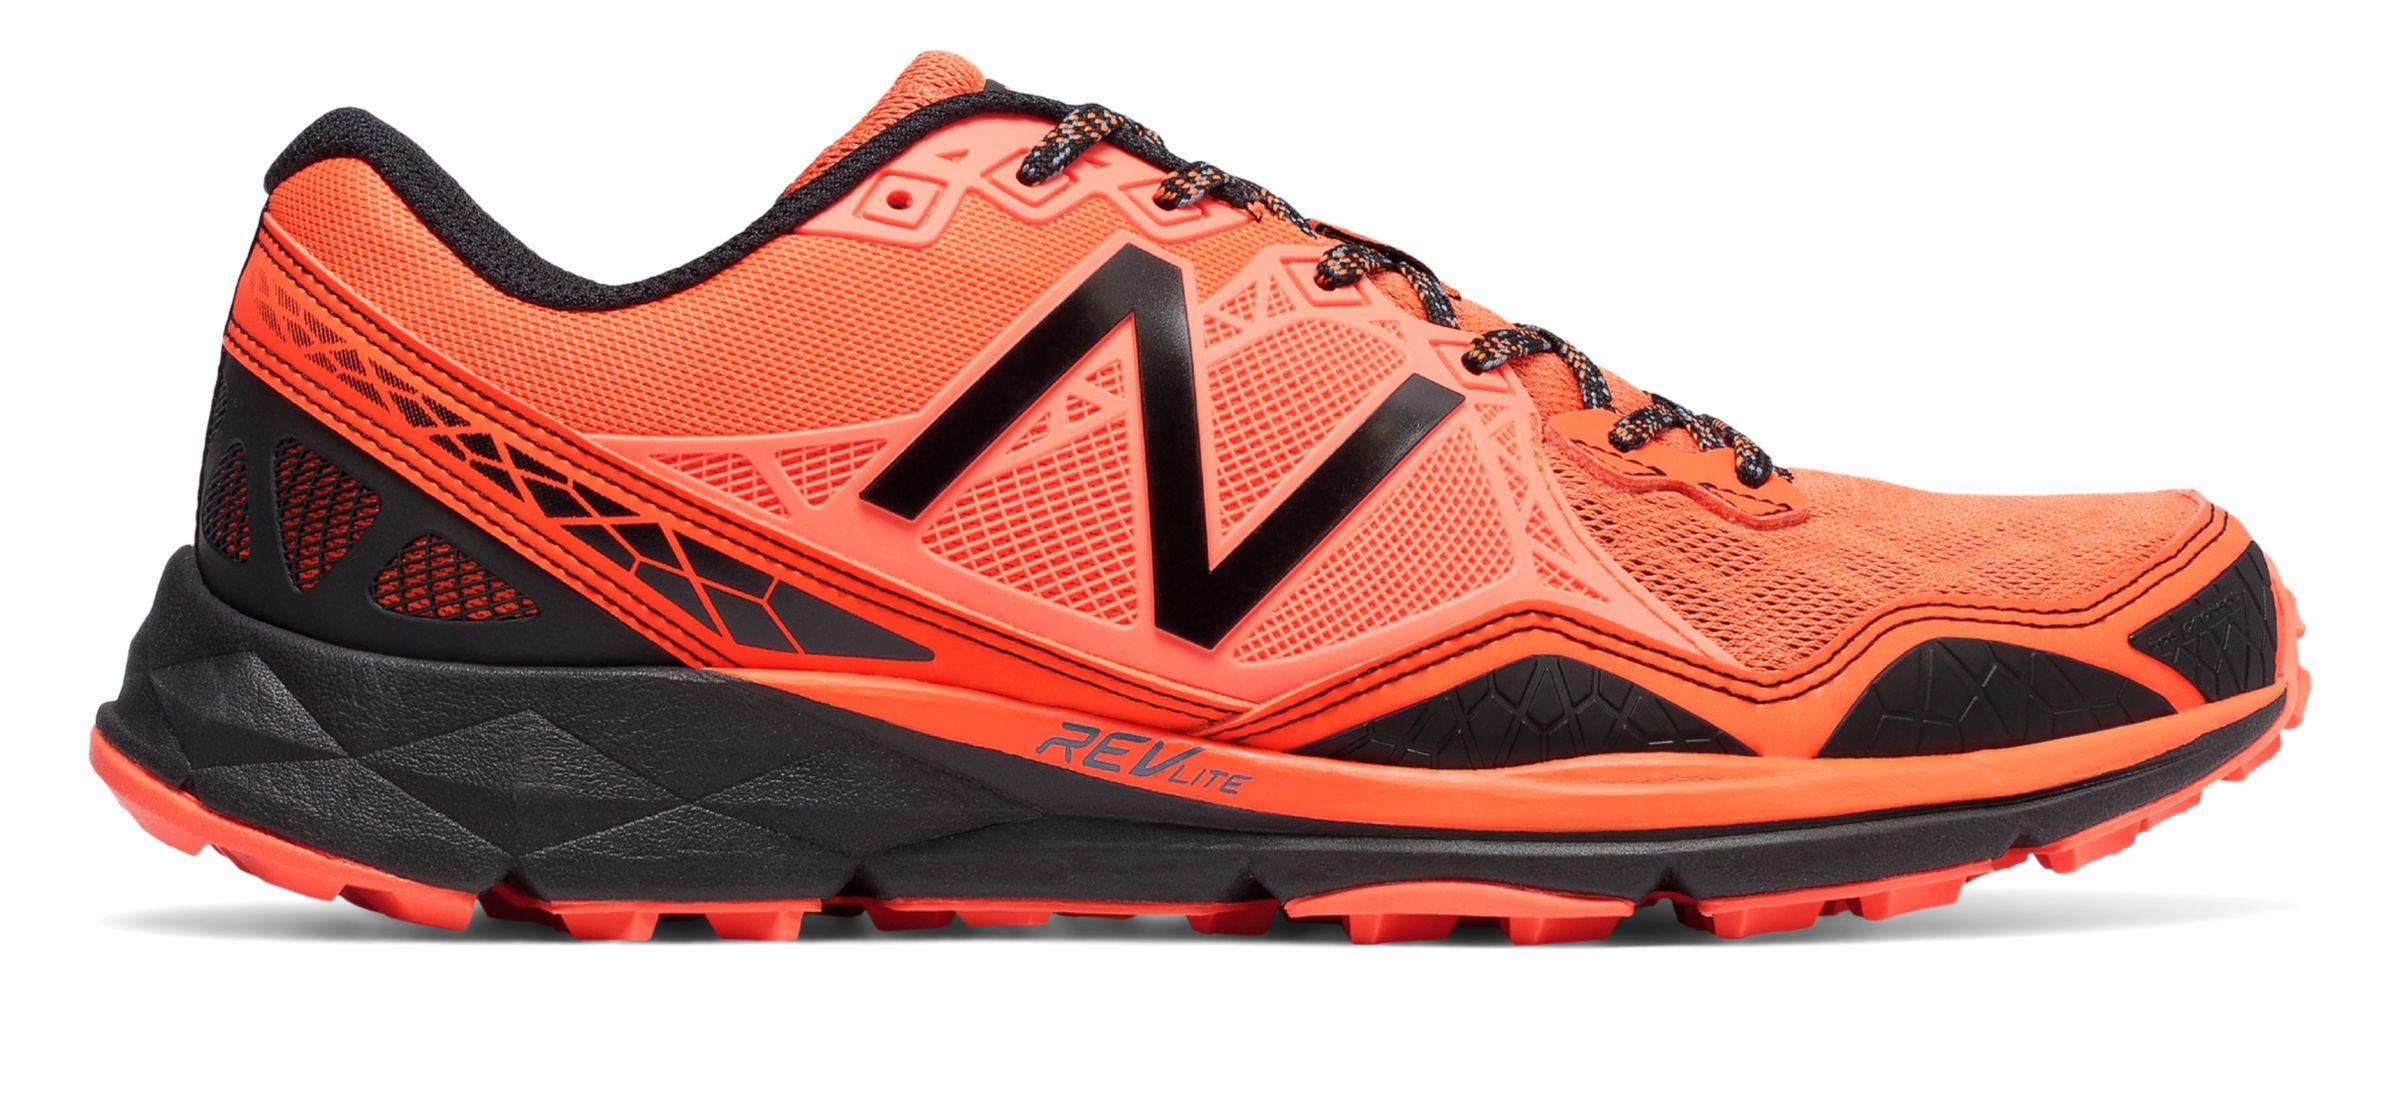 New Balance : New Balance 910v3 Trail : Men's Trail Running : MT910OG3